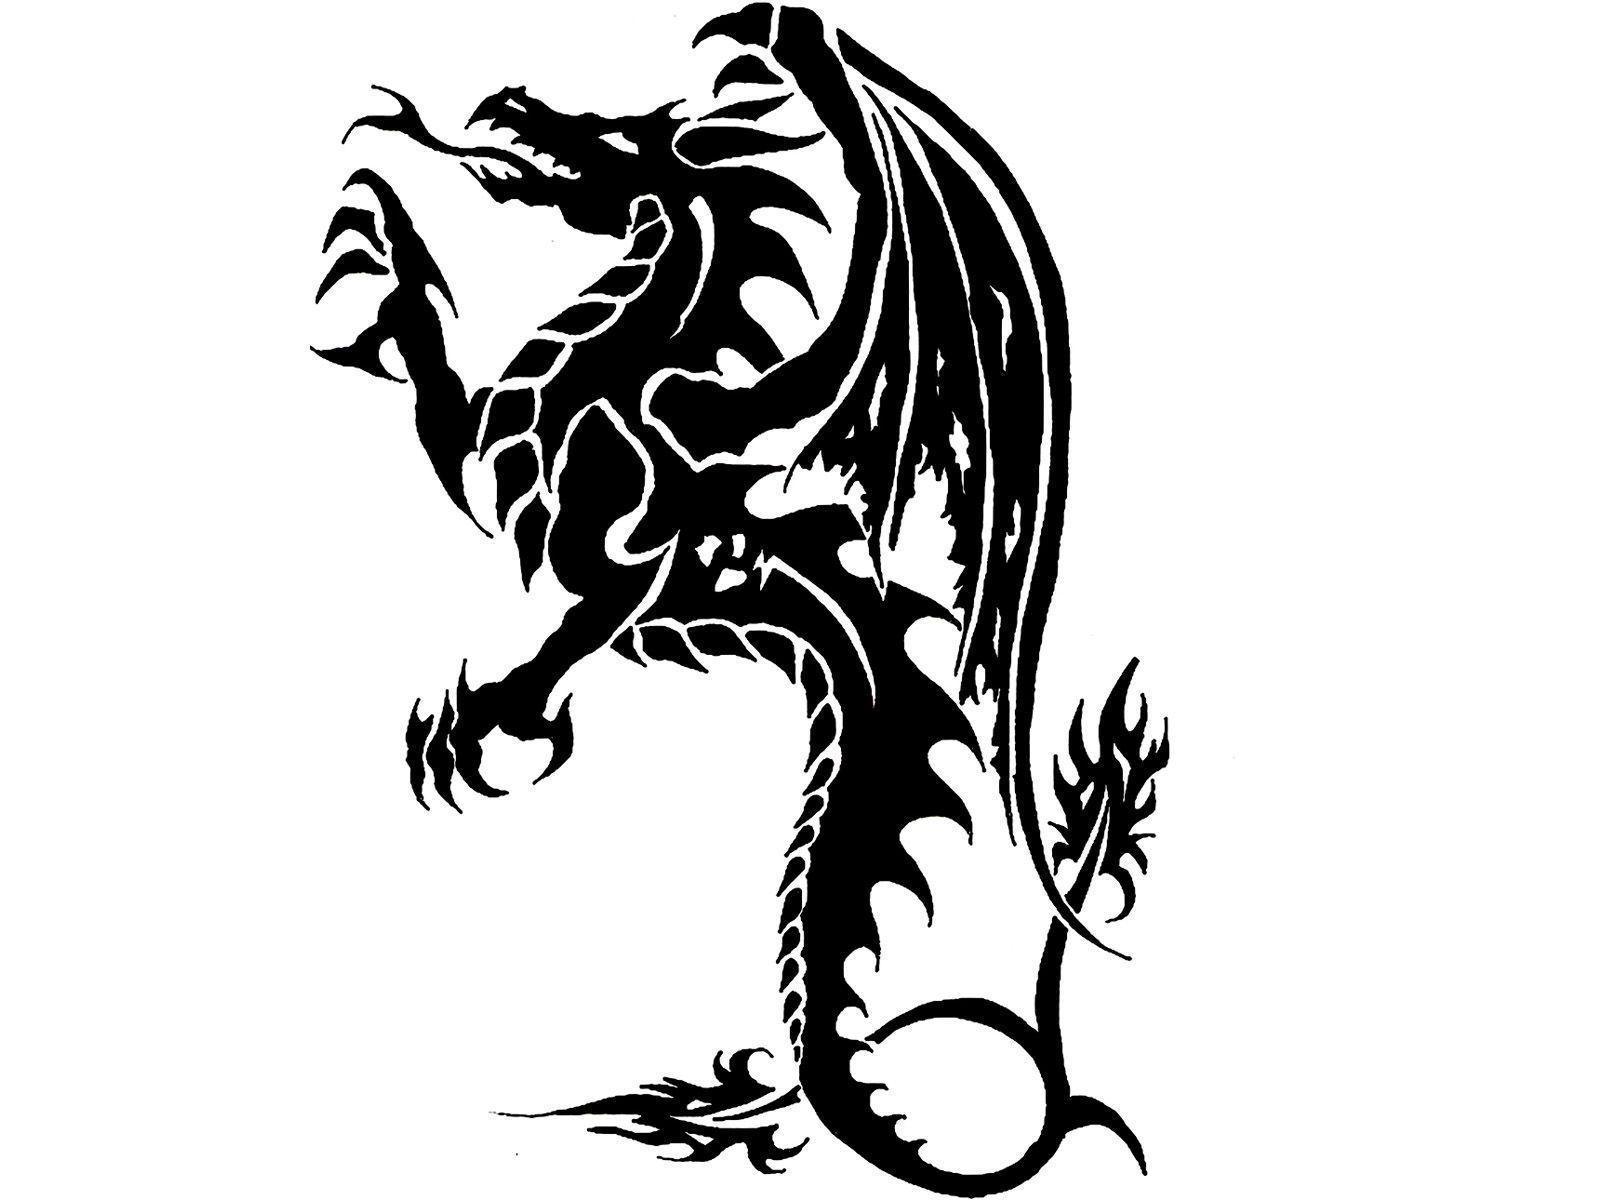 dragon tattoo hd wallpaper - photo #16